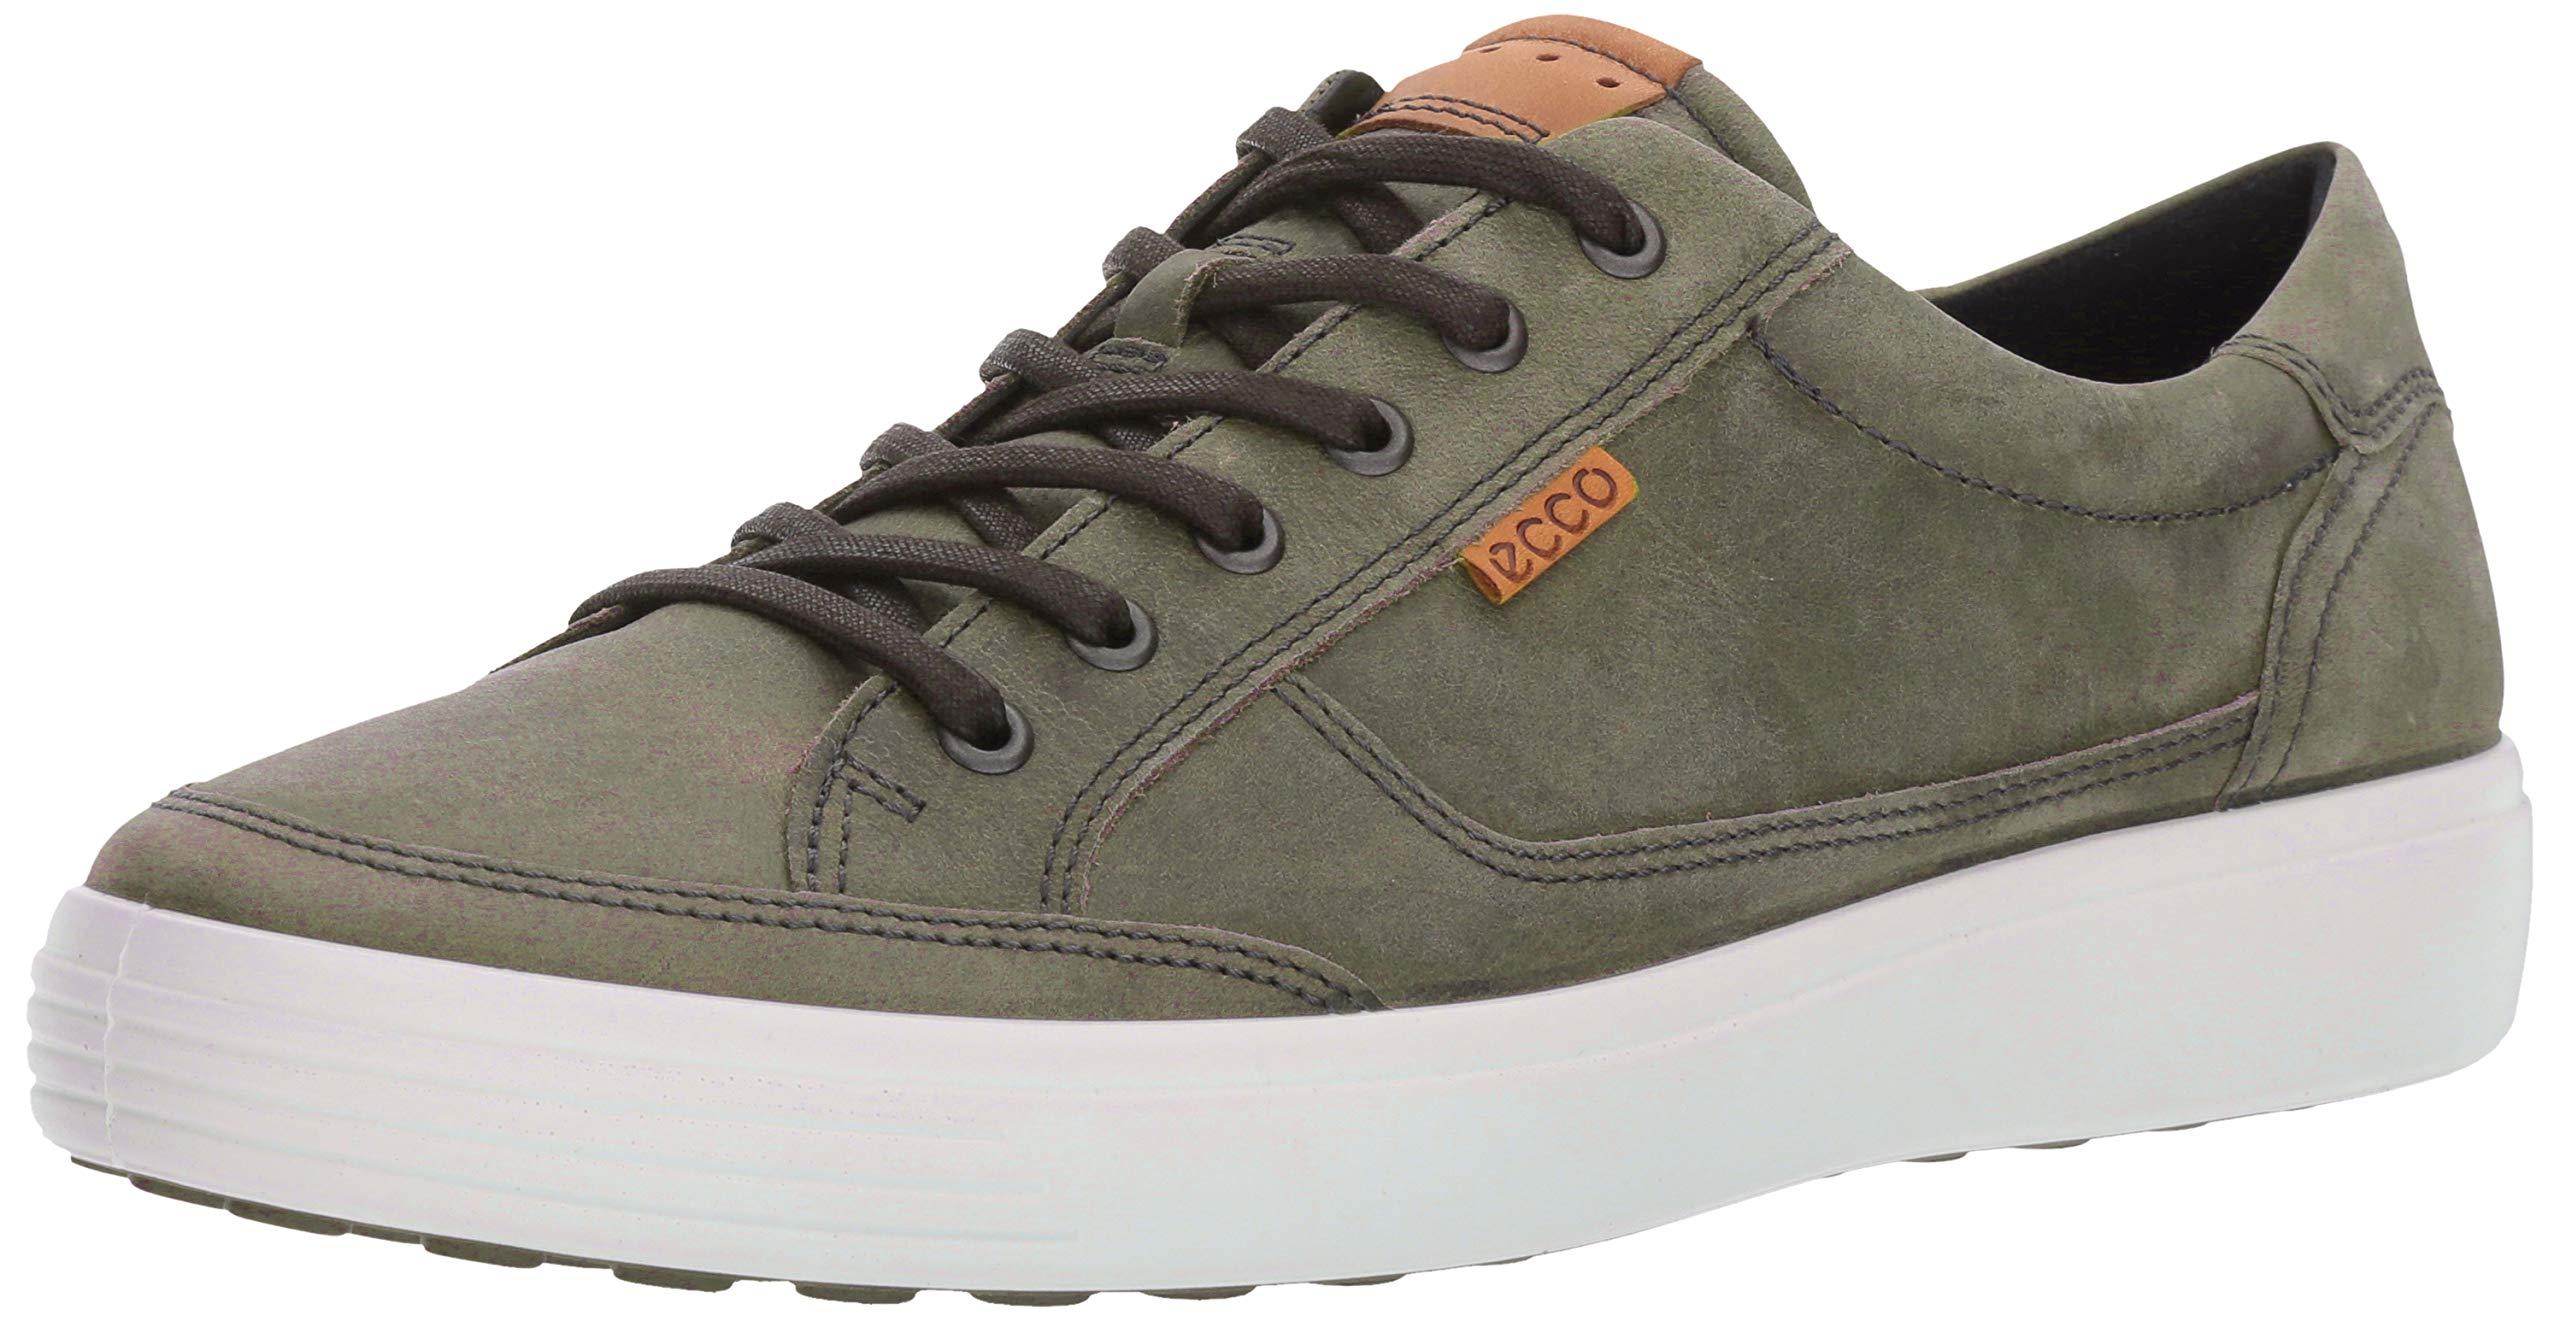 ECCO Men's Soft 7 Fashion Sneaker,Wild Dove grey,46 EU / 12-12.5 US by ECCO